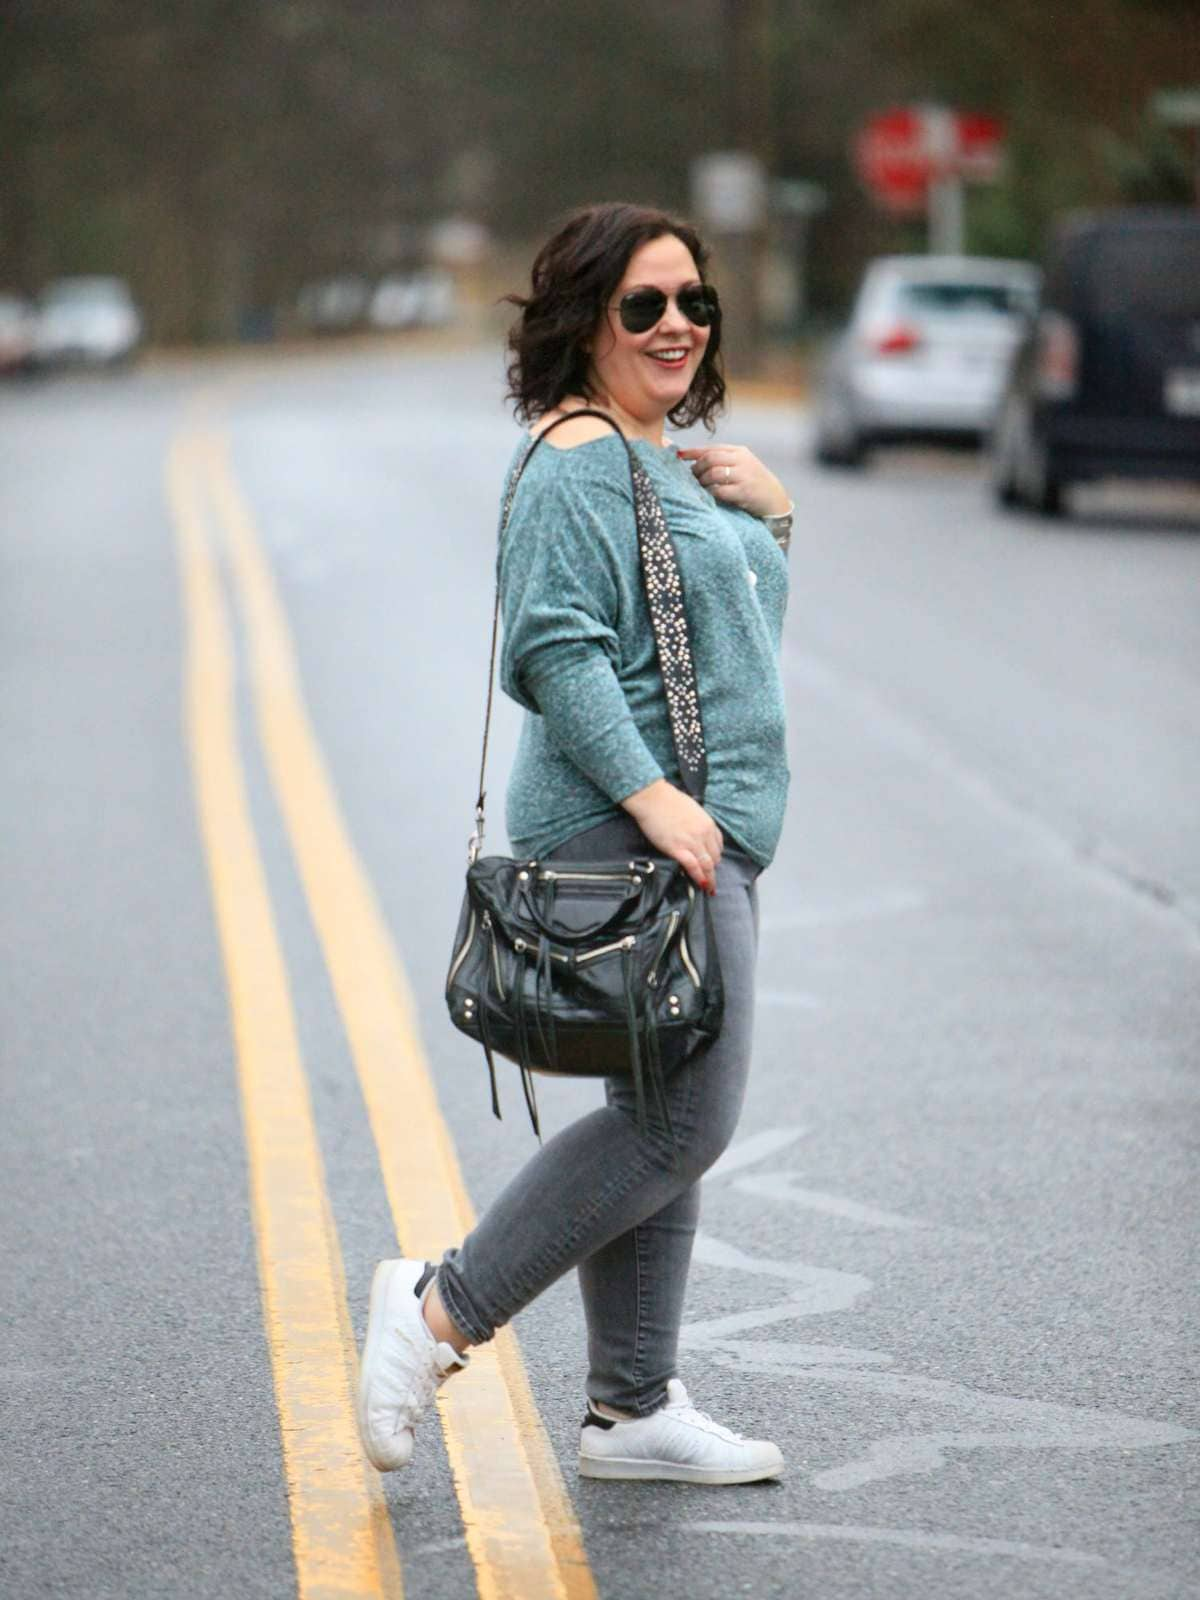 wardrobe oxygen over 40 fashion blogger size 14